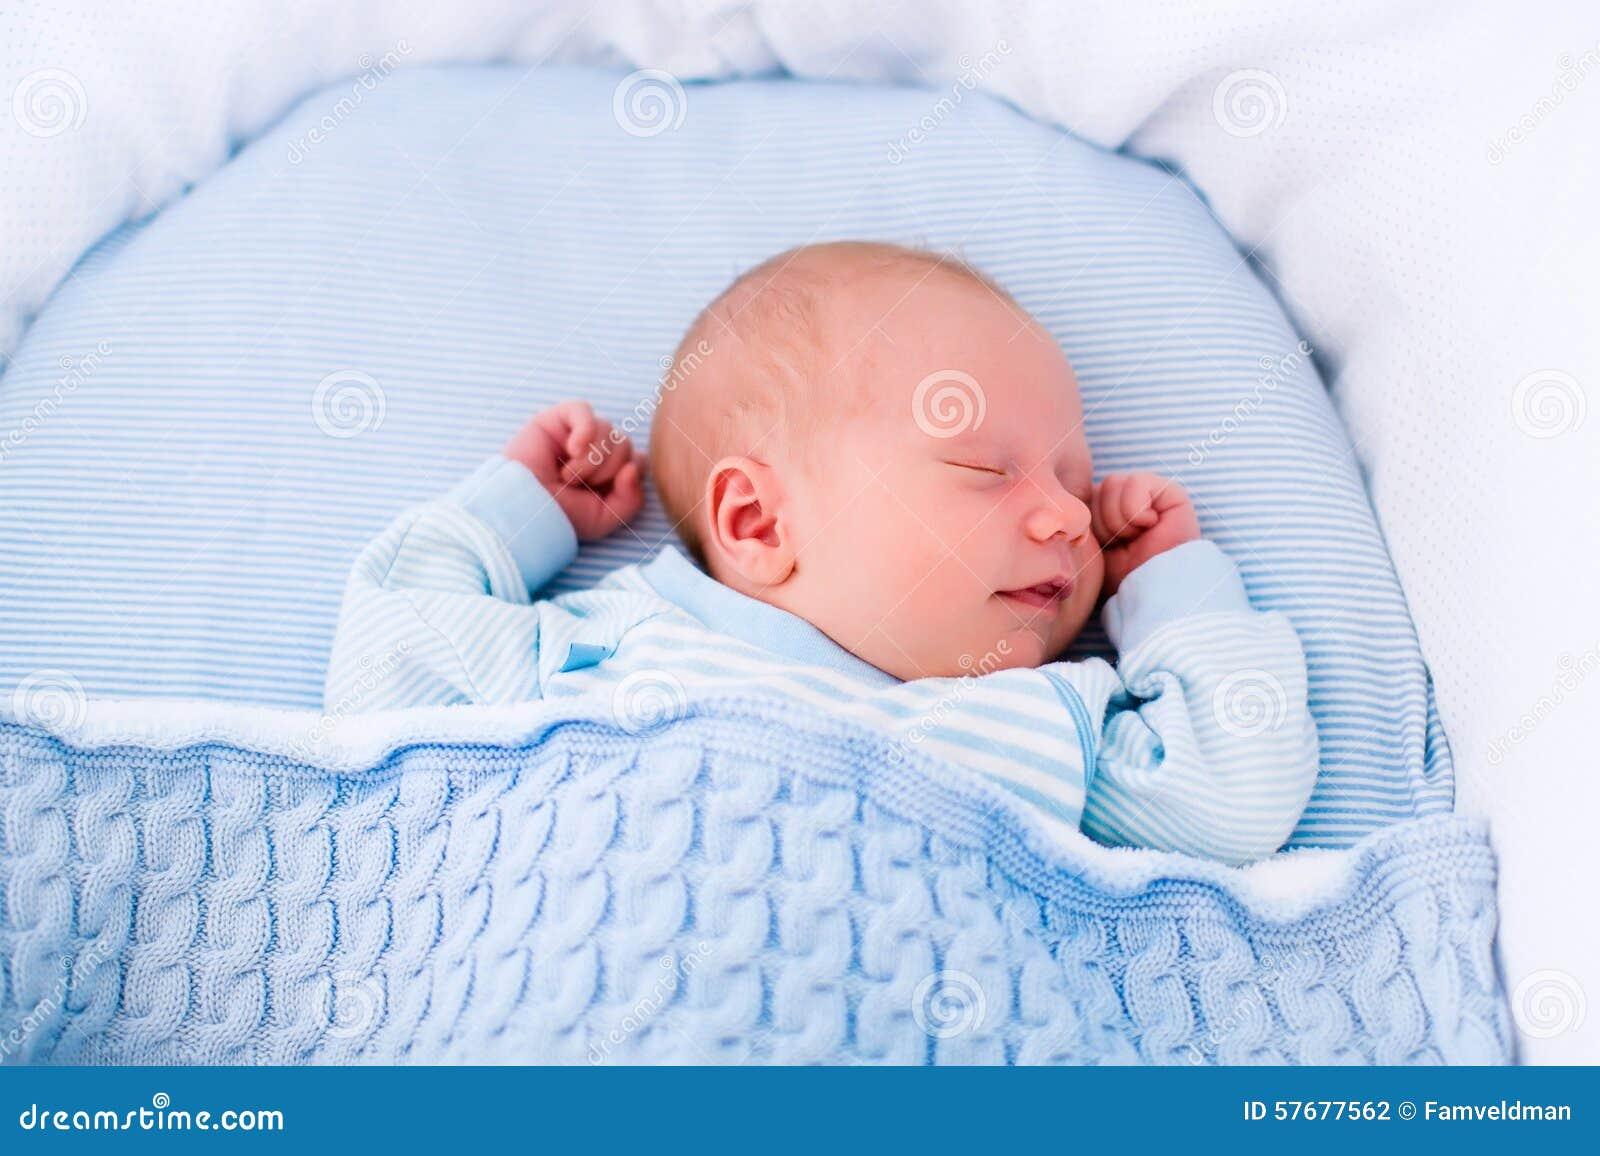 Beb reci n nacido en la cuna blanca foto de archivo - Cunas para bebes recien nacidos ...